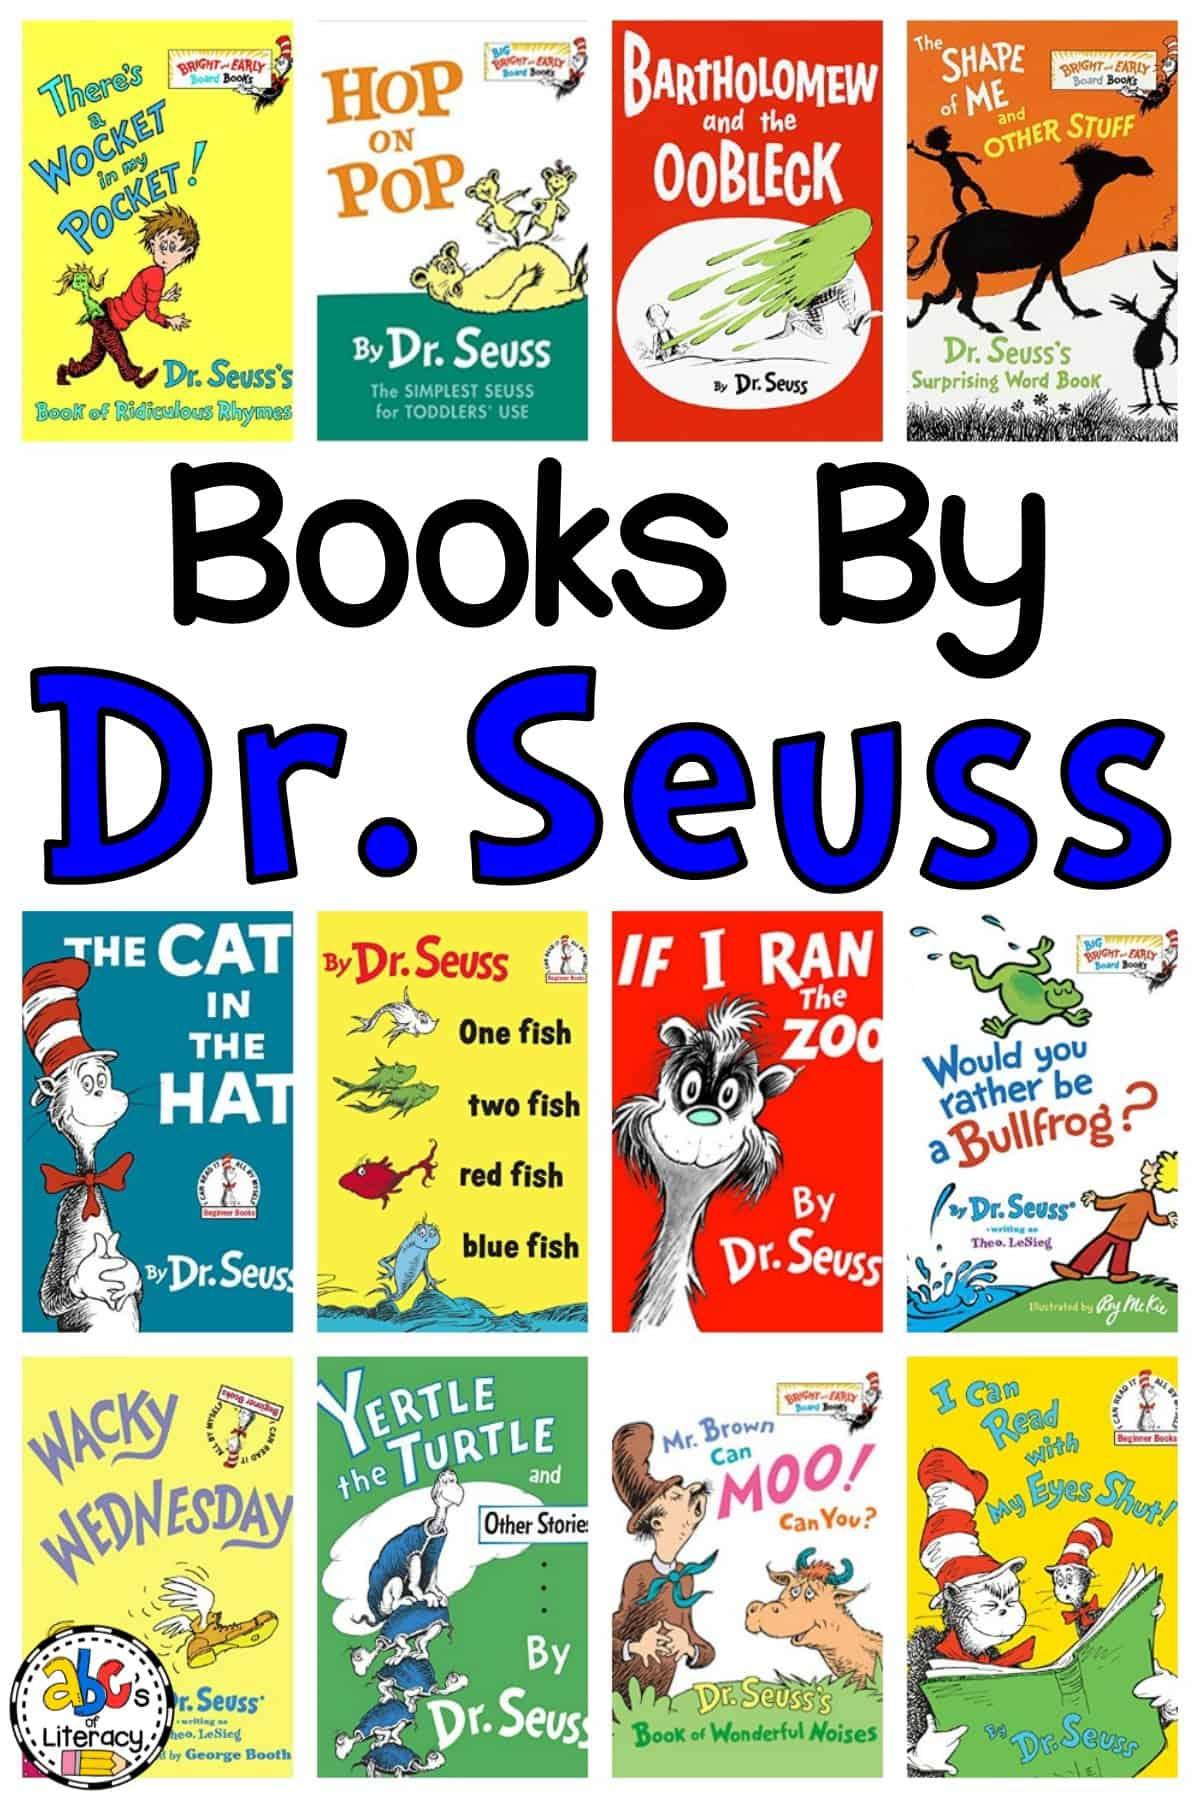 Dr. Seuss Book List for Kids